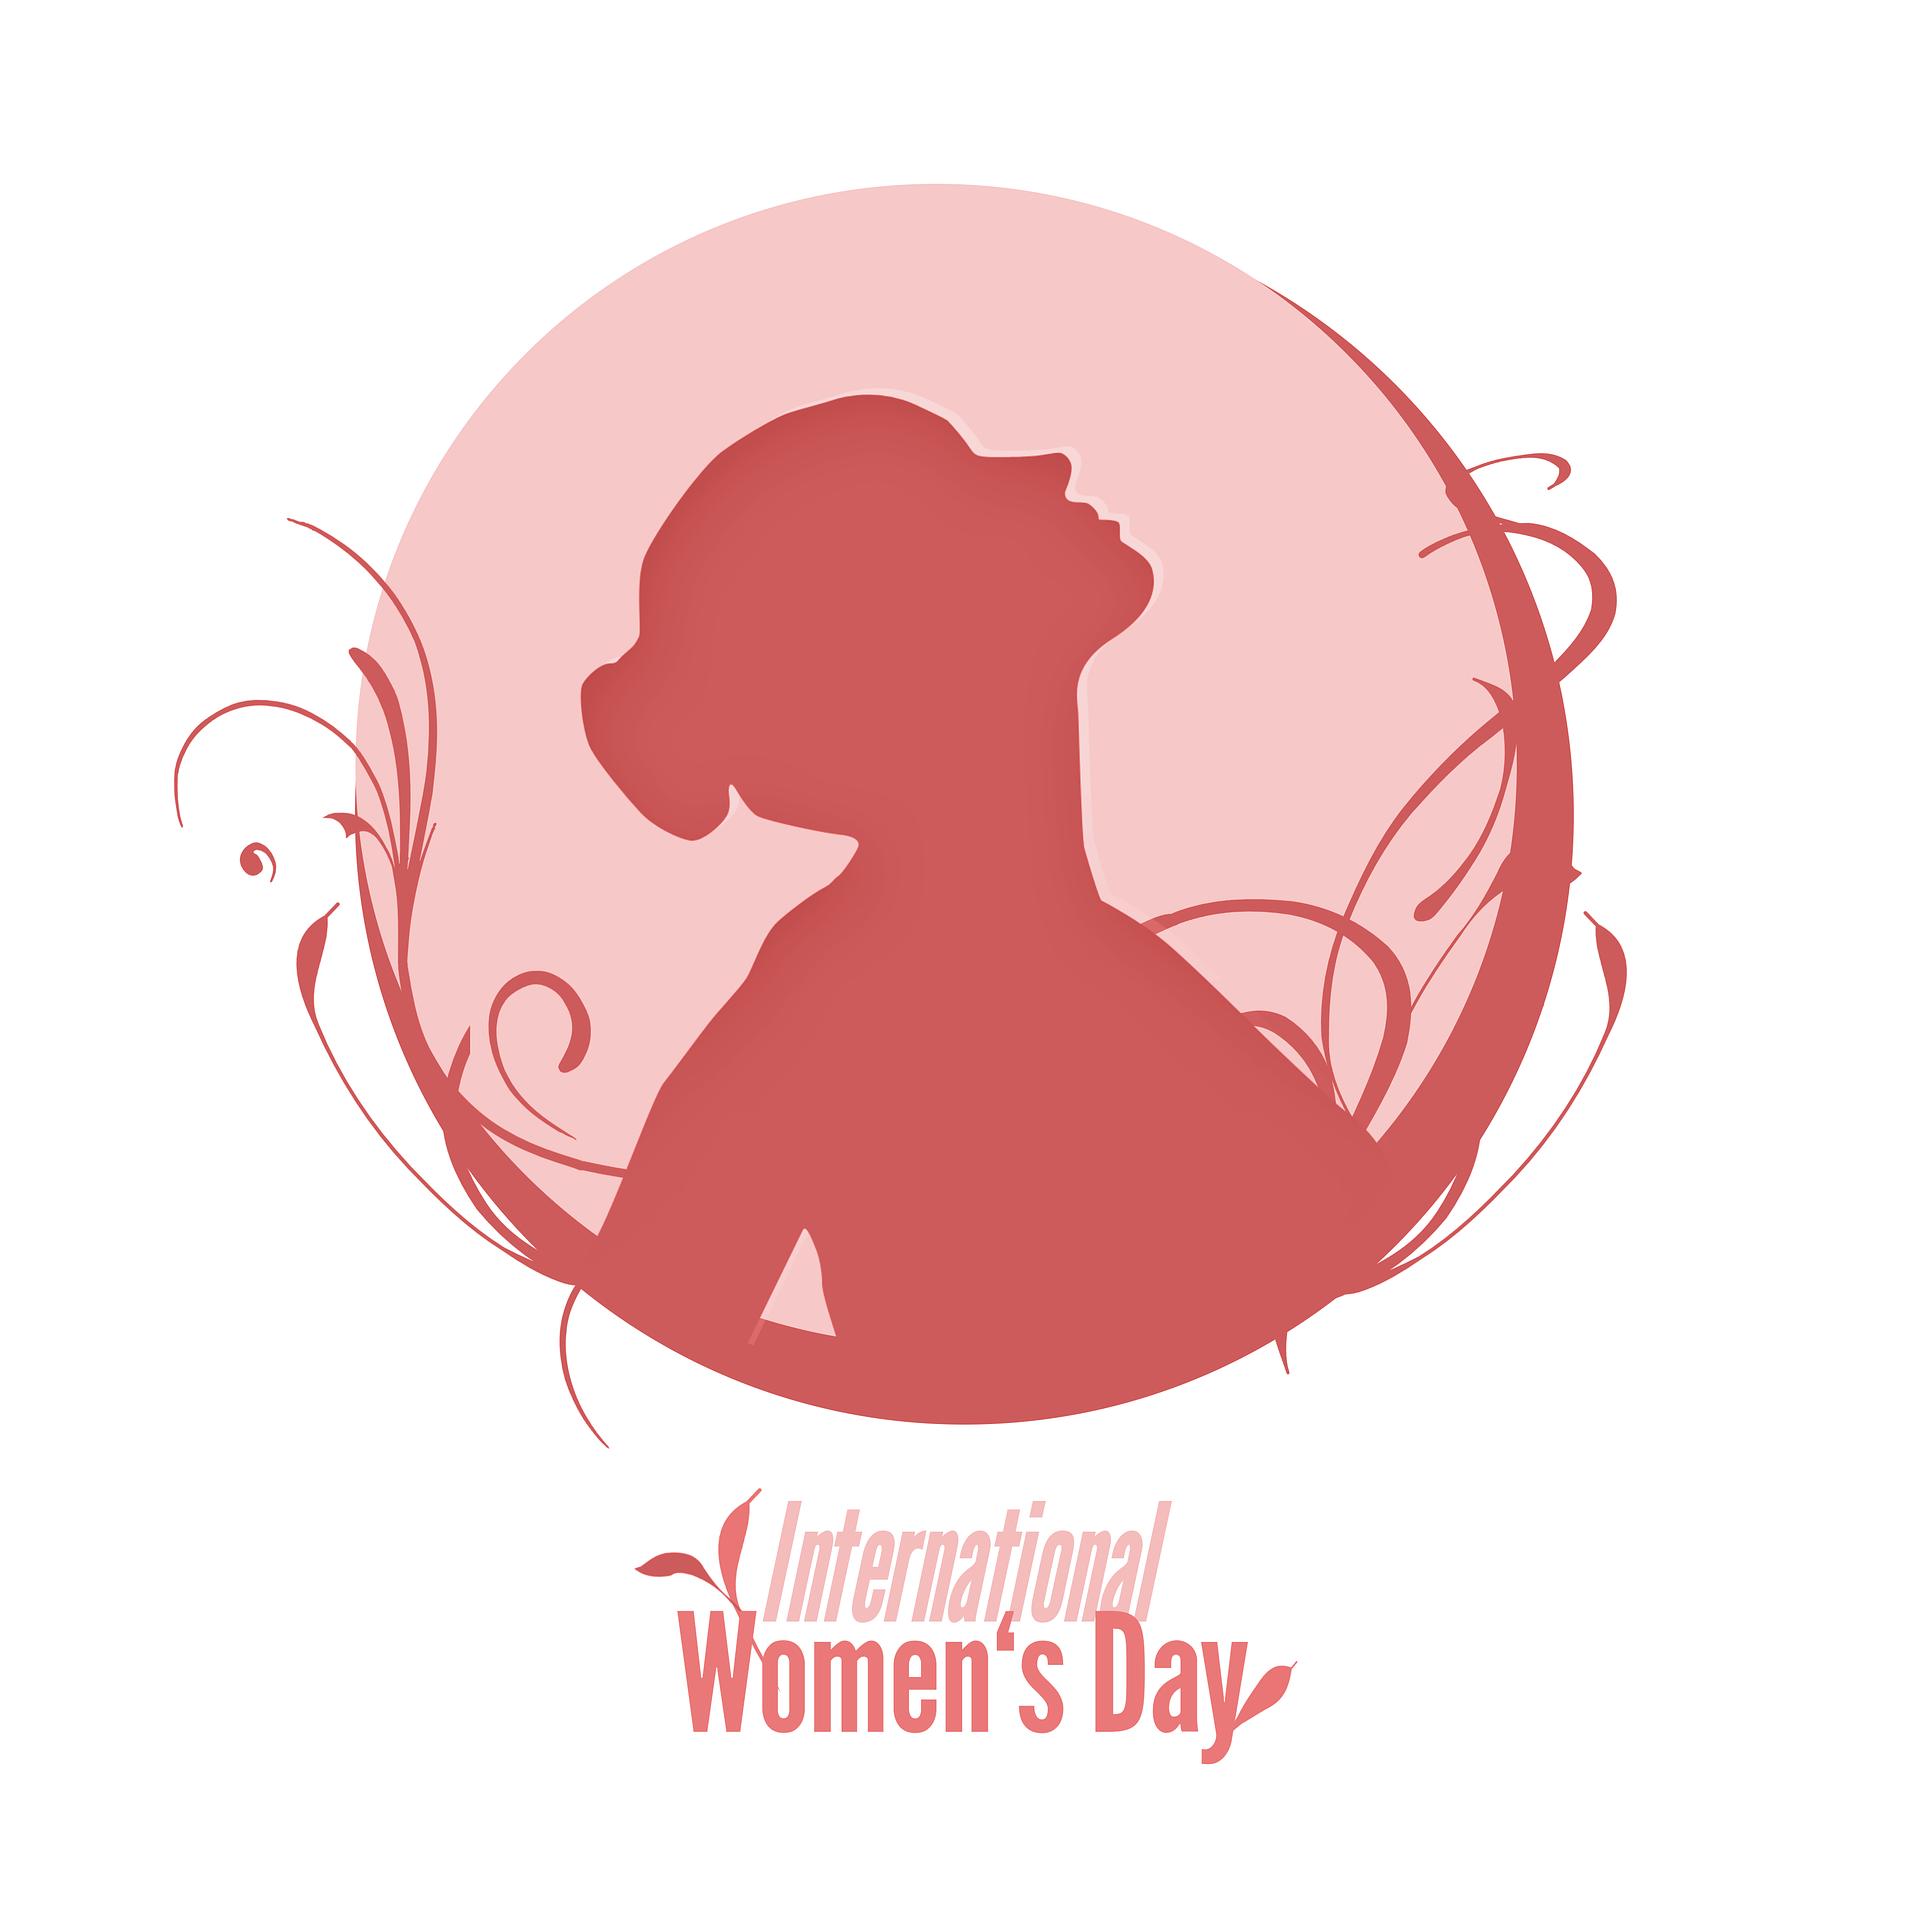 8 mars 2021, journée internationale du droits des femmes